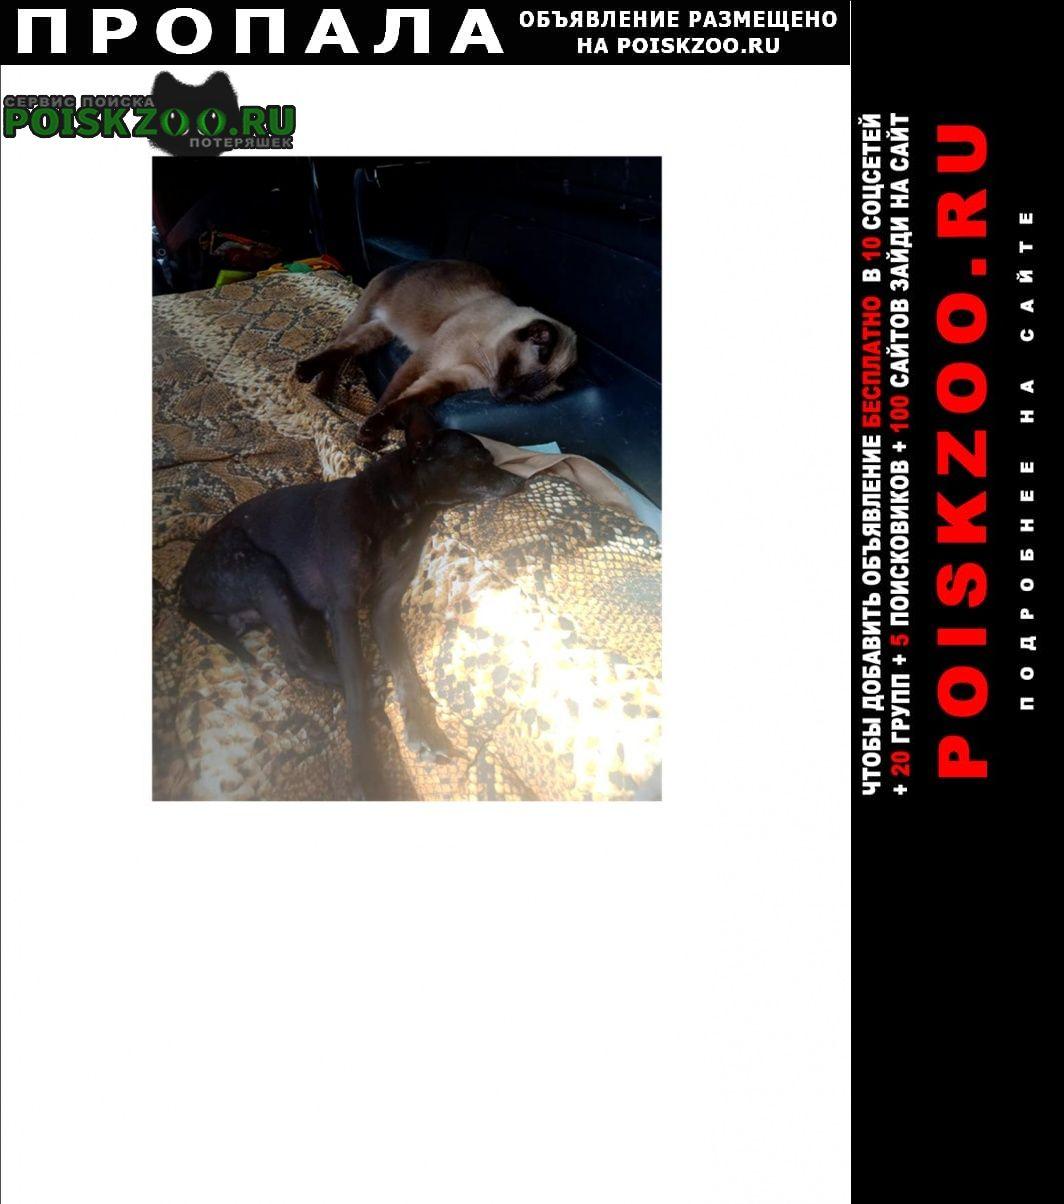 Пропала собака кобель той терьер размером с кошку Москва